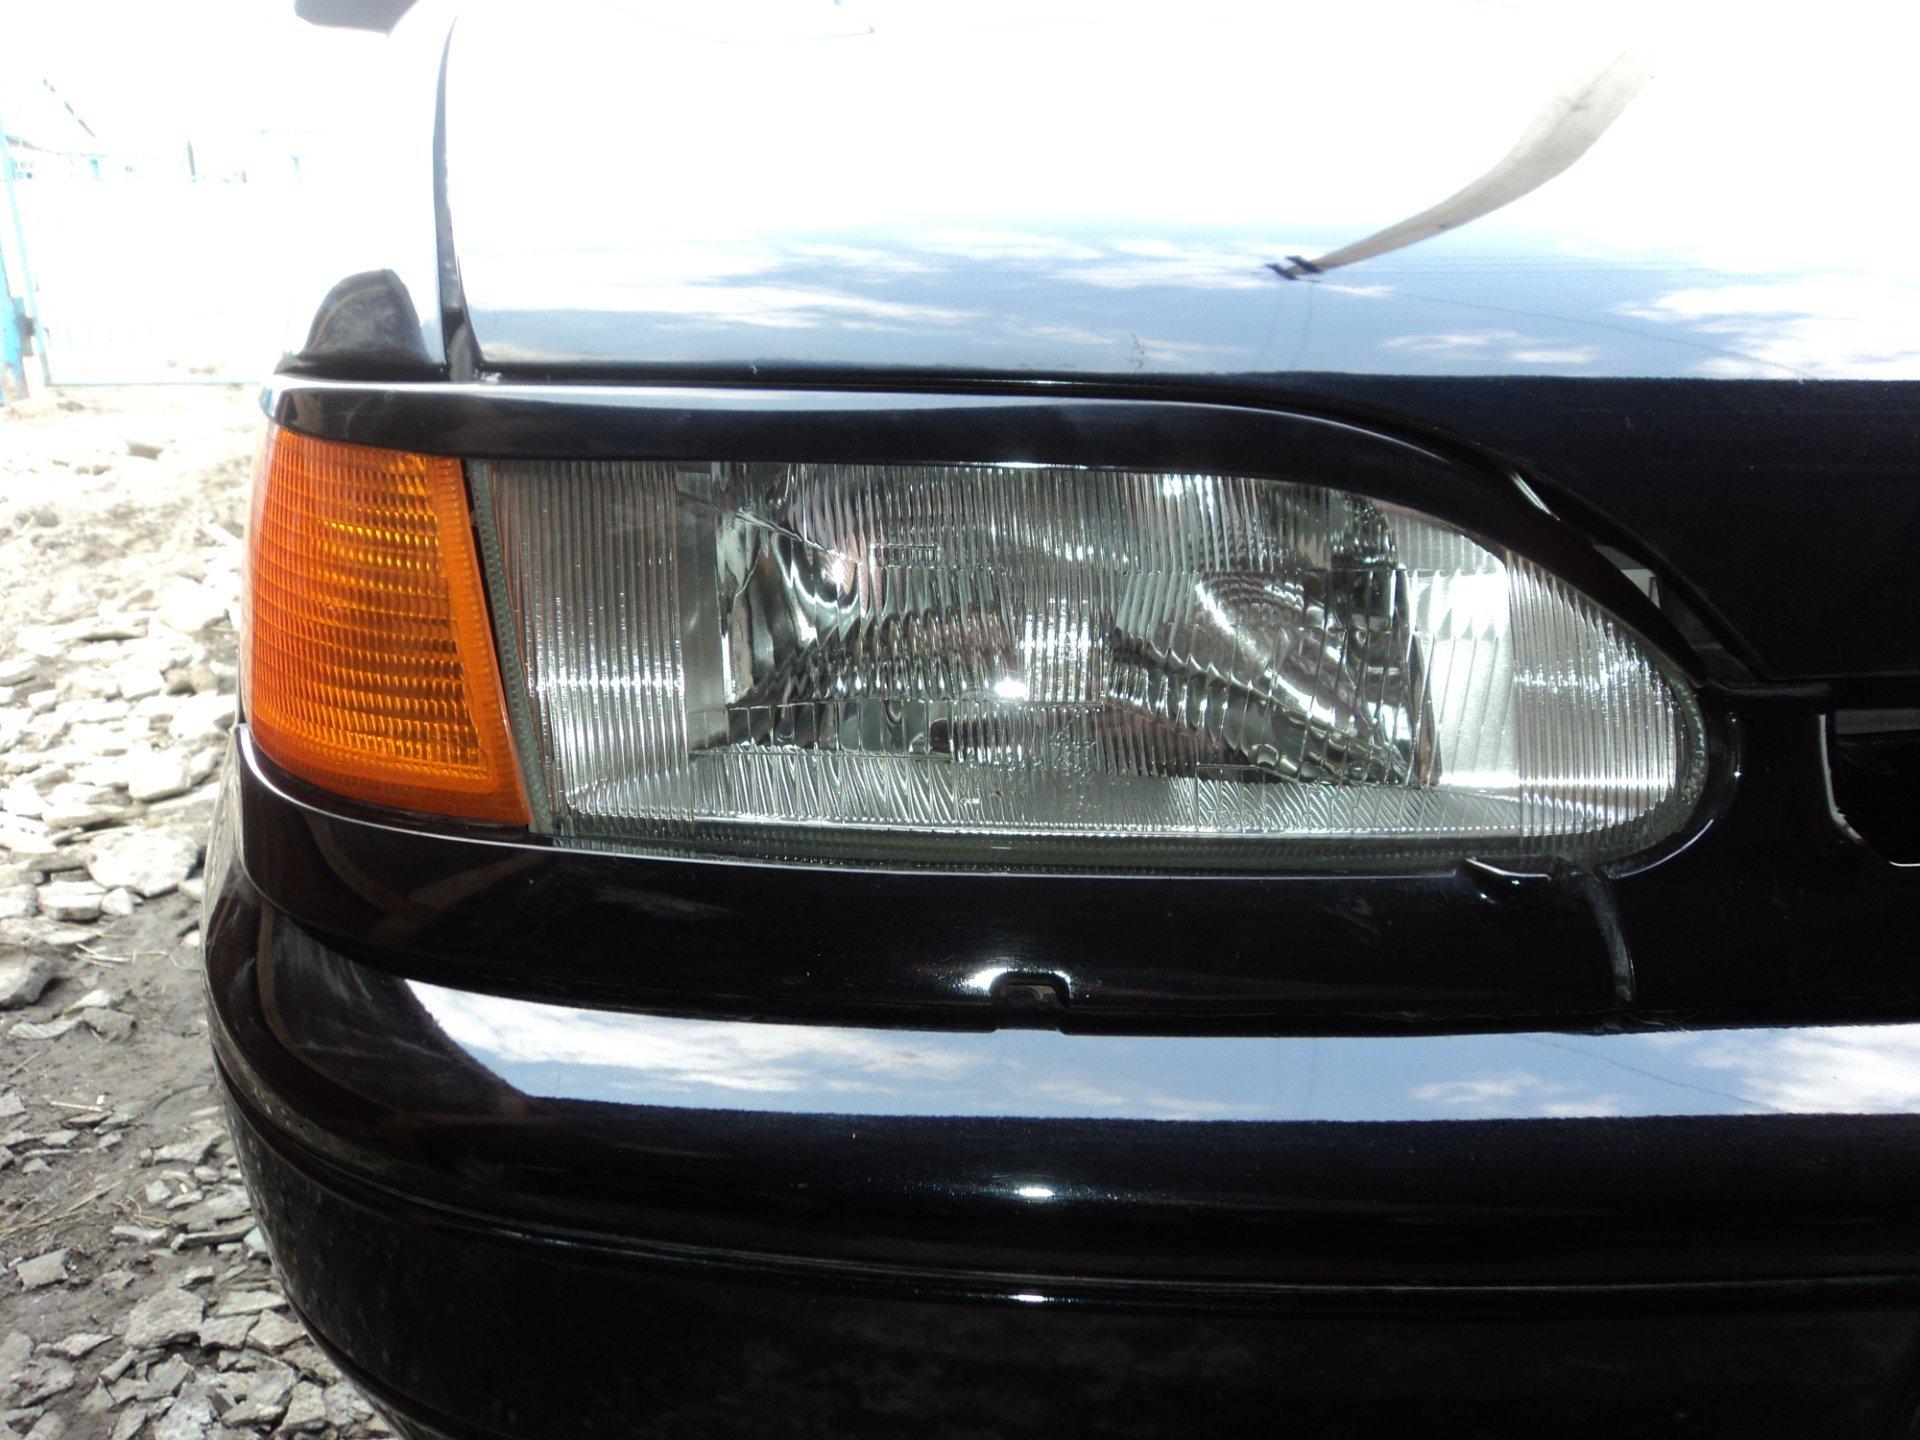 Нижние реснички фар на бампер на ВАЗ 2113-15